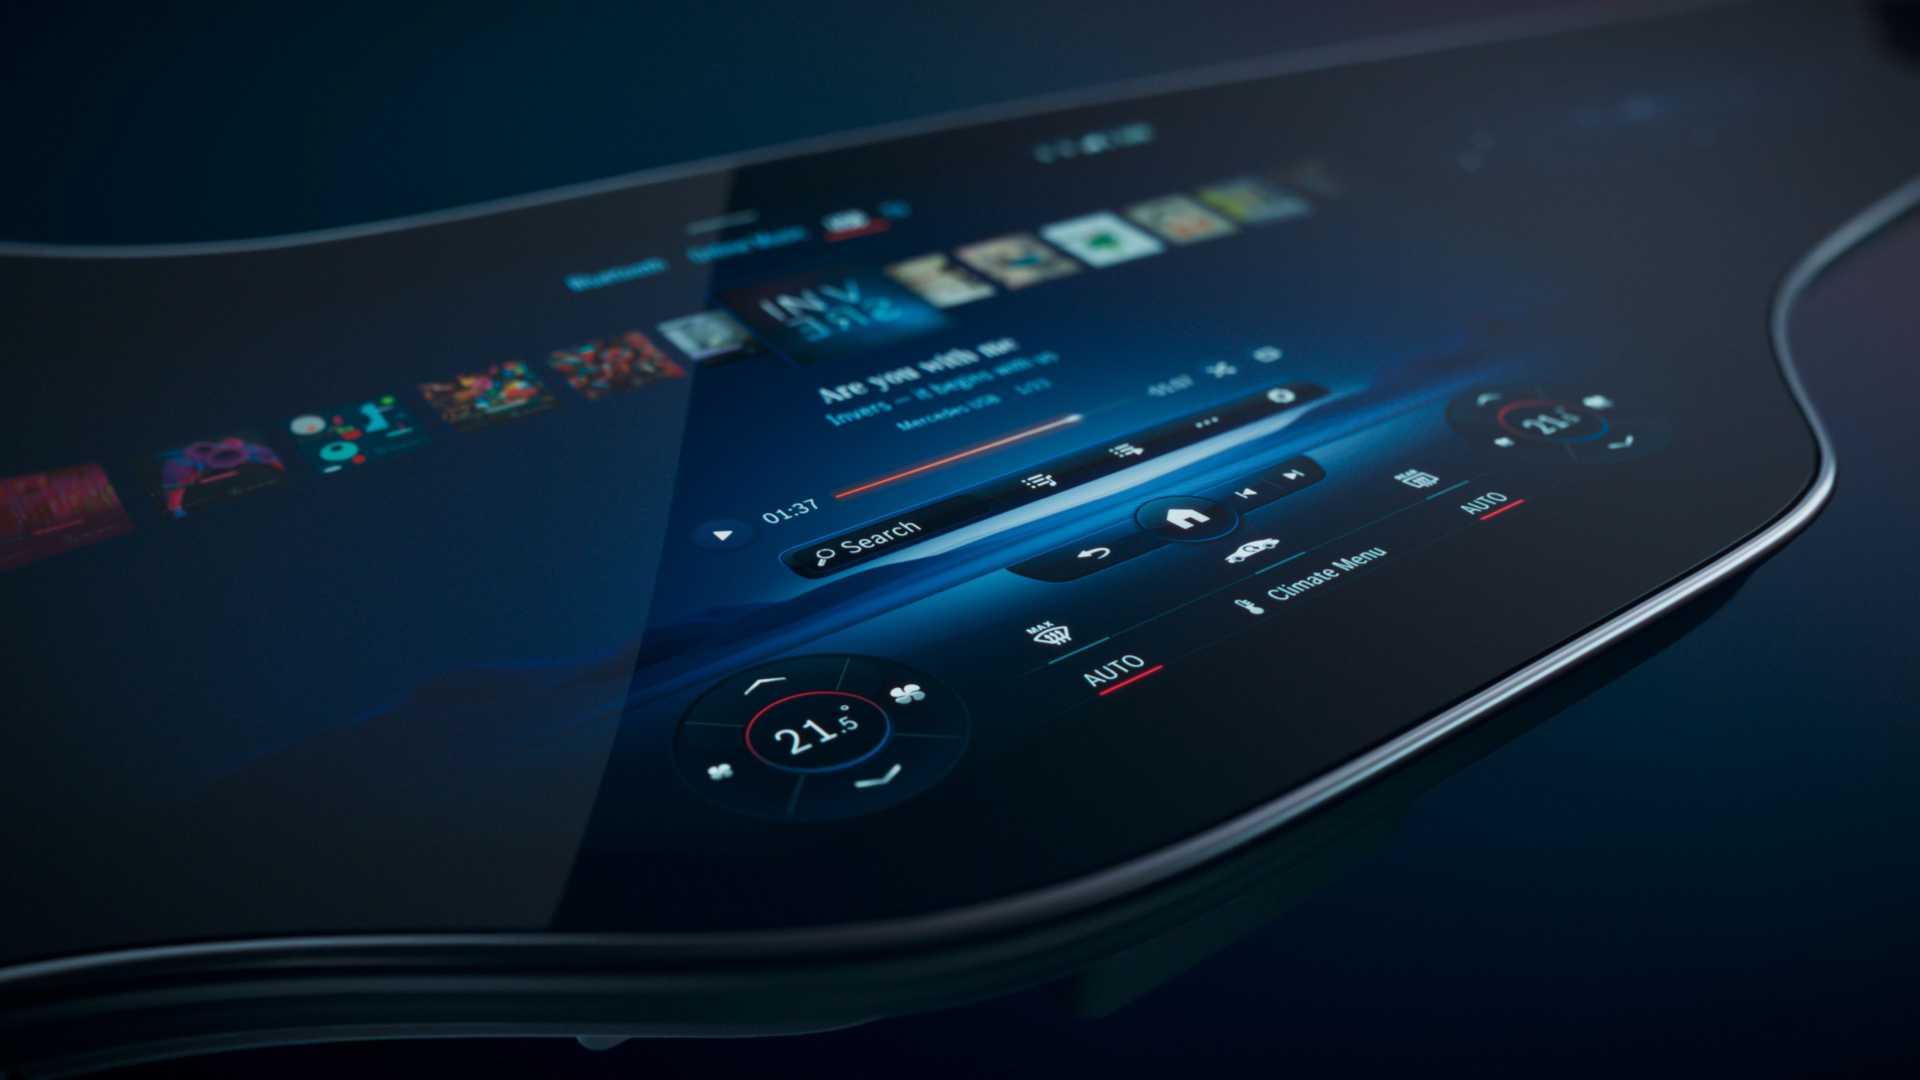 هایپراسکرین MBUX برای خودروی الکتریکی مرسدس بنز EQS رونمایی شد